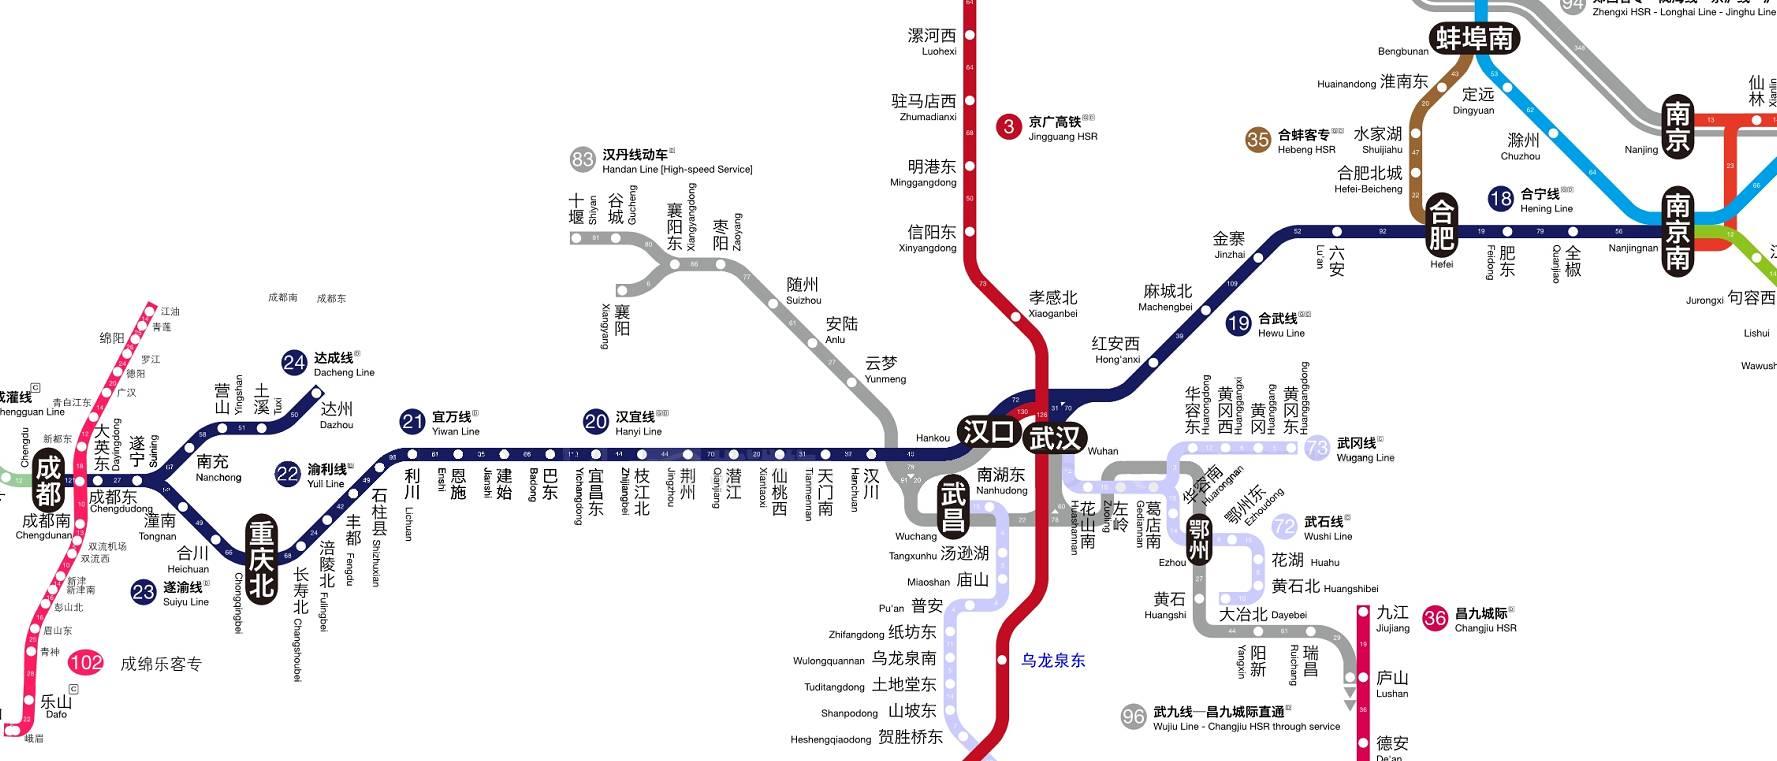 终于有神人把全国高铁图画得像坐地铁一样方便,赶紧收藏了!